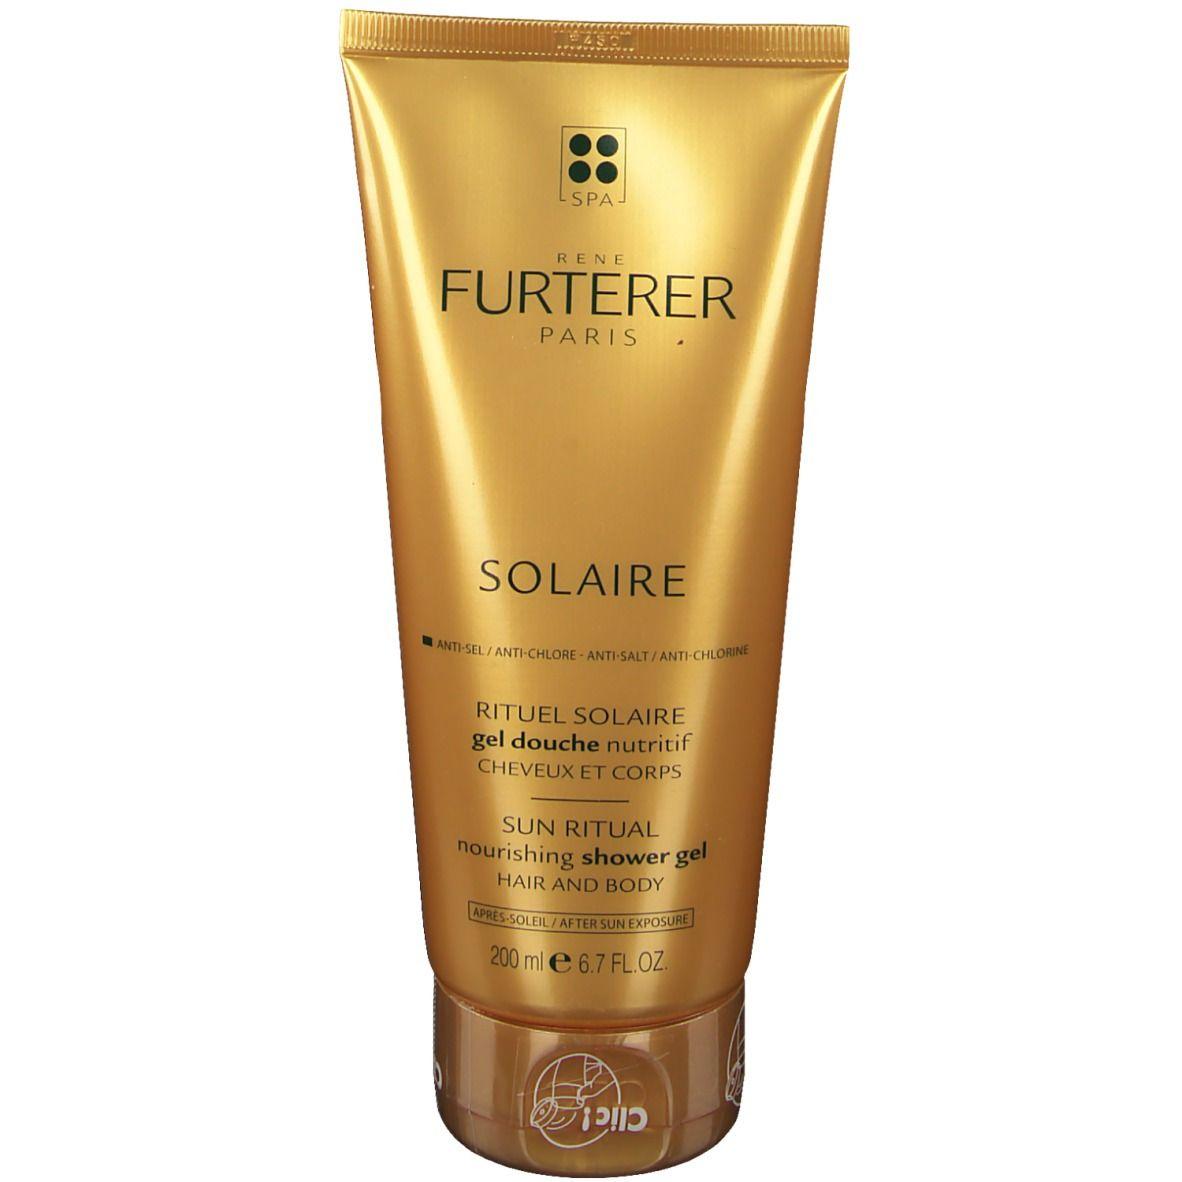 René Furterer Rene Furterer Solaire gel douche nutritif ml gel(s)